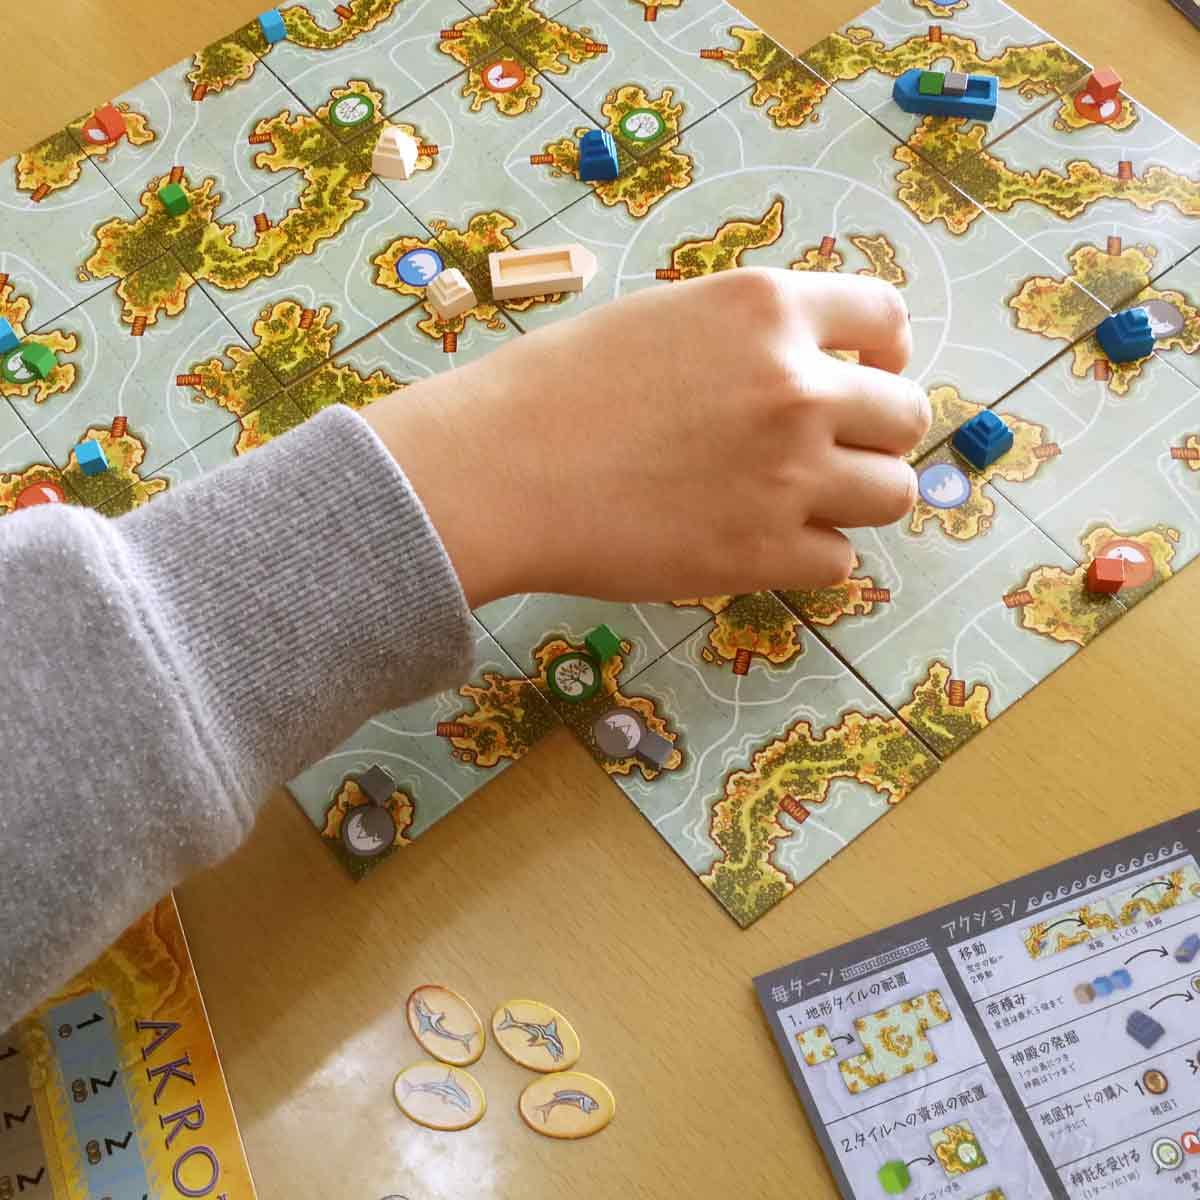 カード1枚が勝負を握る! 親子で楽しめるボードゲーム「アクロティリ」を遊んでみた